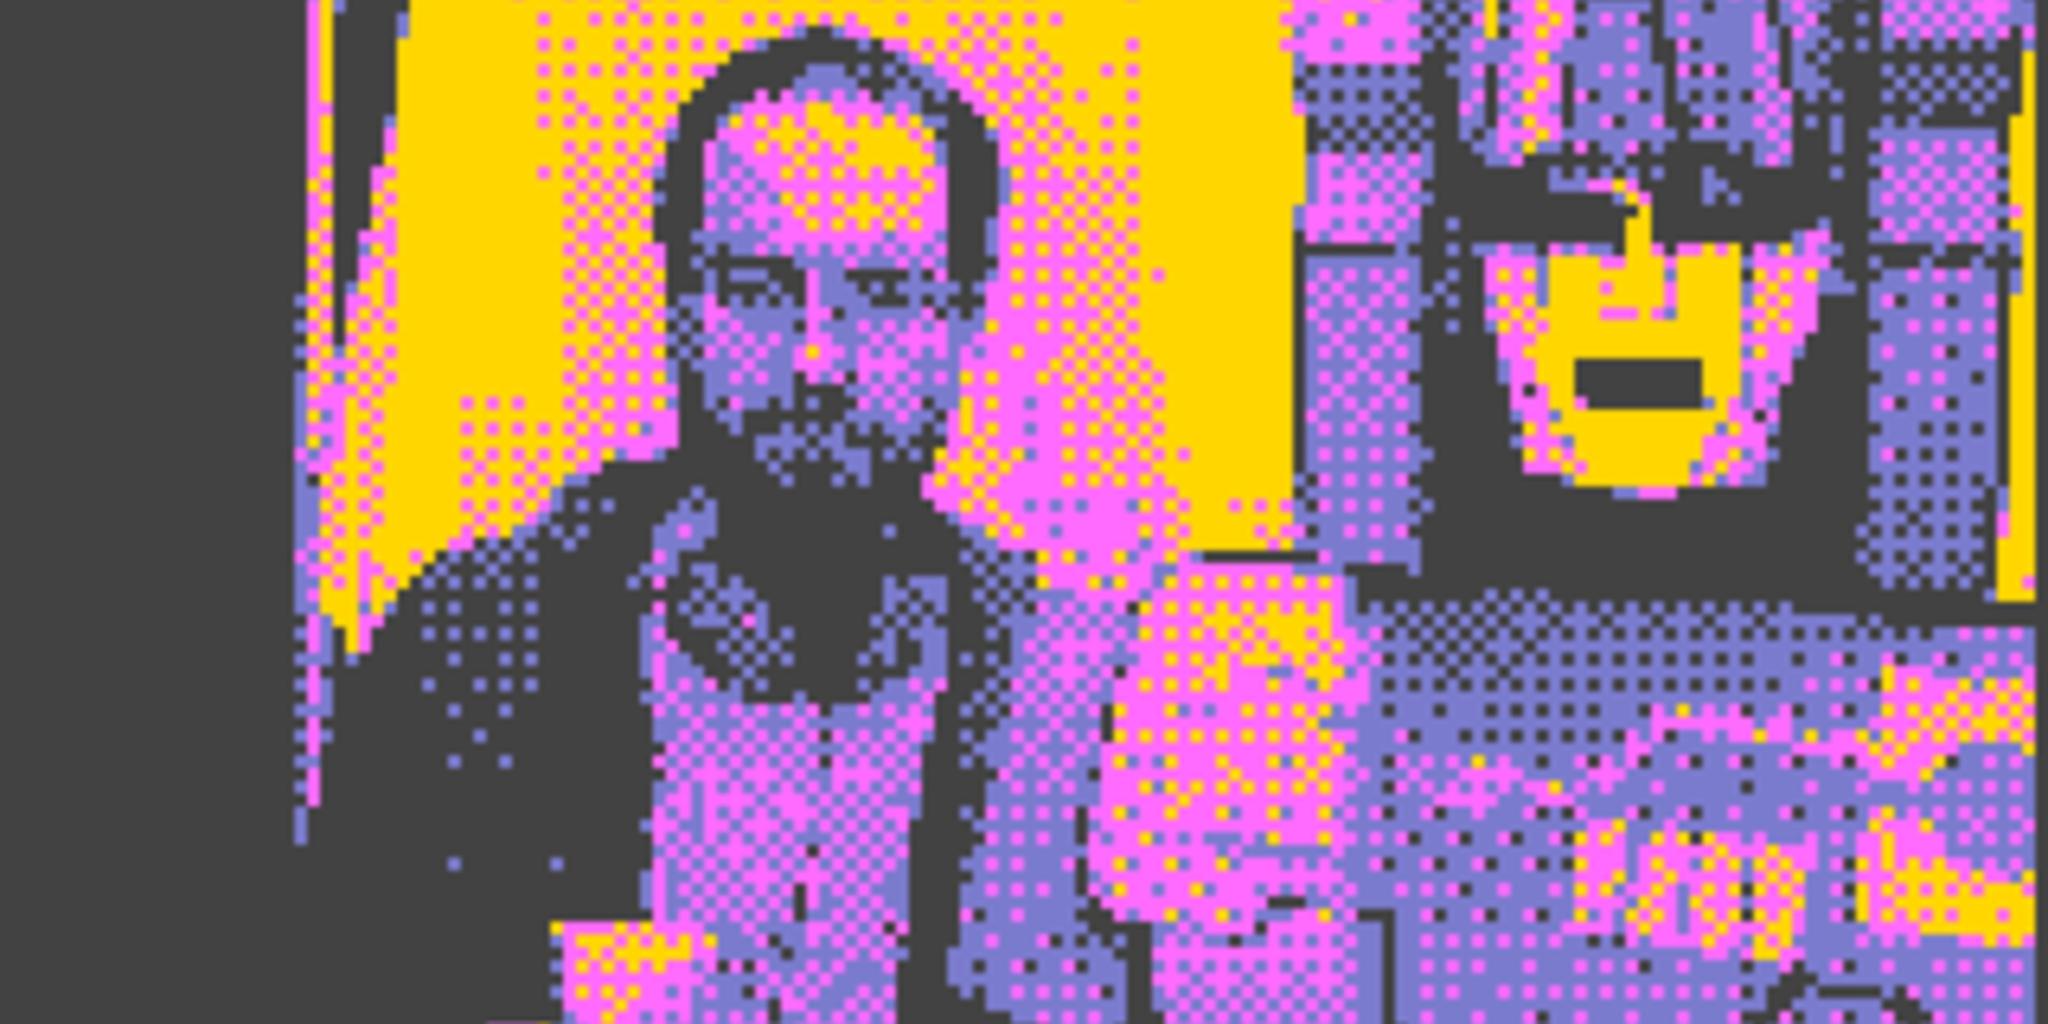 GkmTrnT.png (PNG Image, 640×1152 pixels) - Scaled (52%)